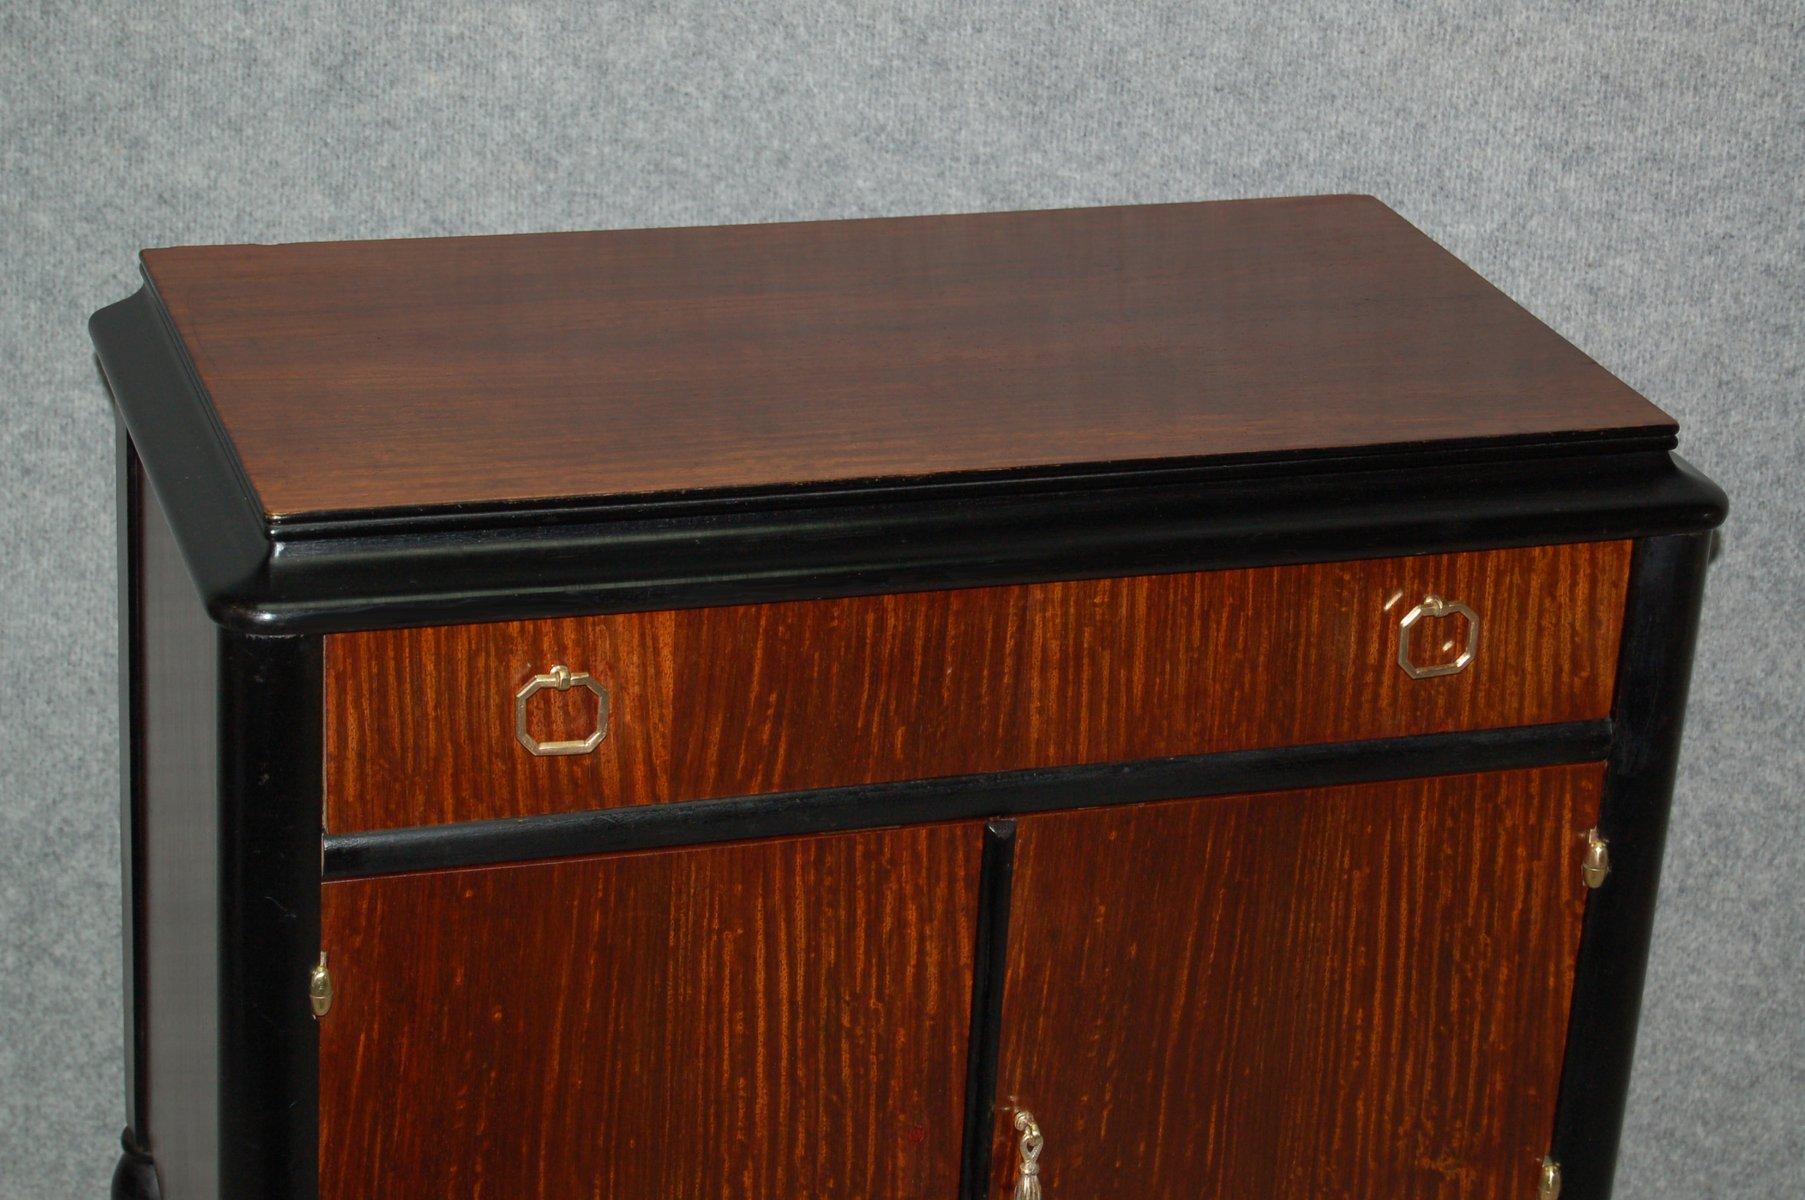 meuble art d co par maurice dufr ne 1920s en vente sur pamono. Black Bedroom Furniture Sets. Home Design Ideas